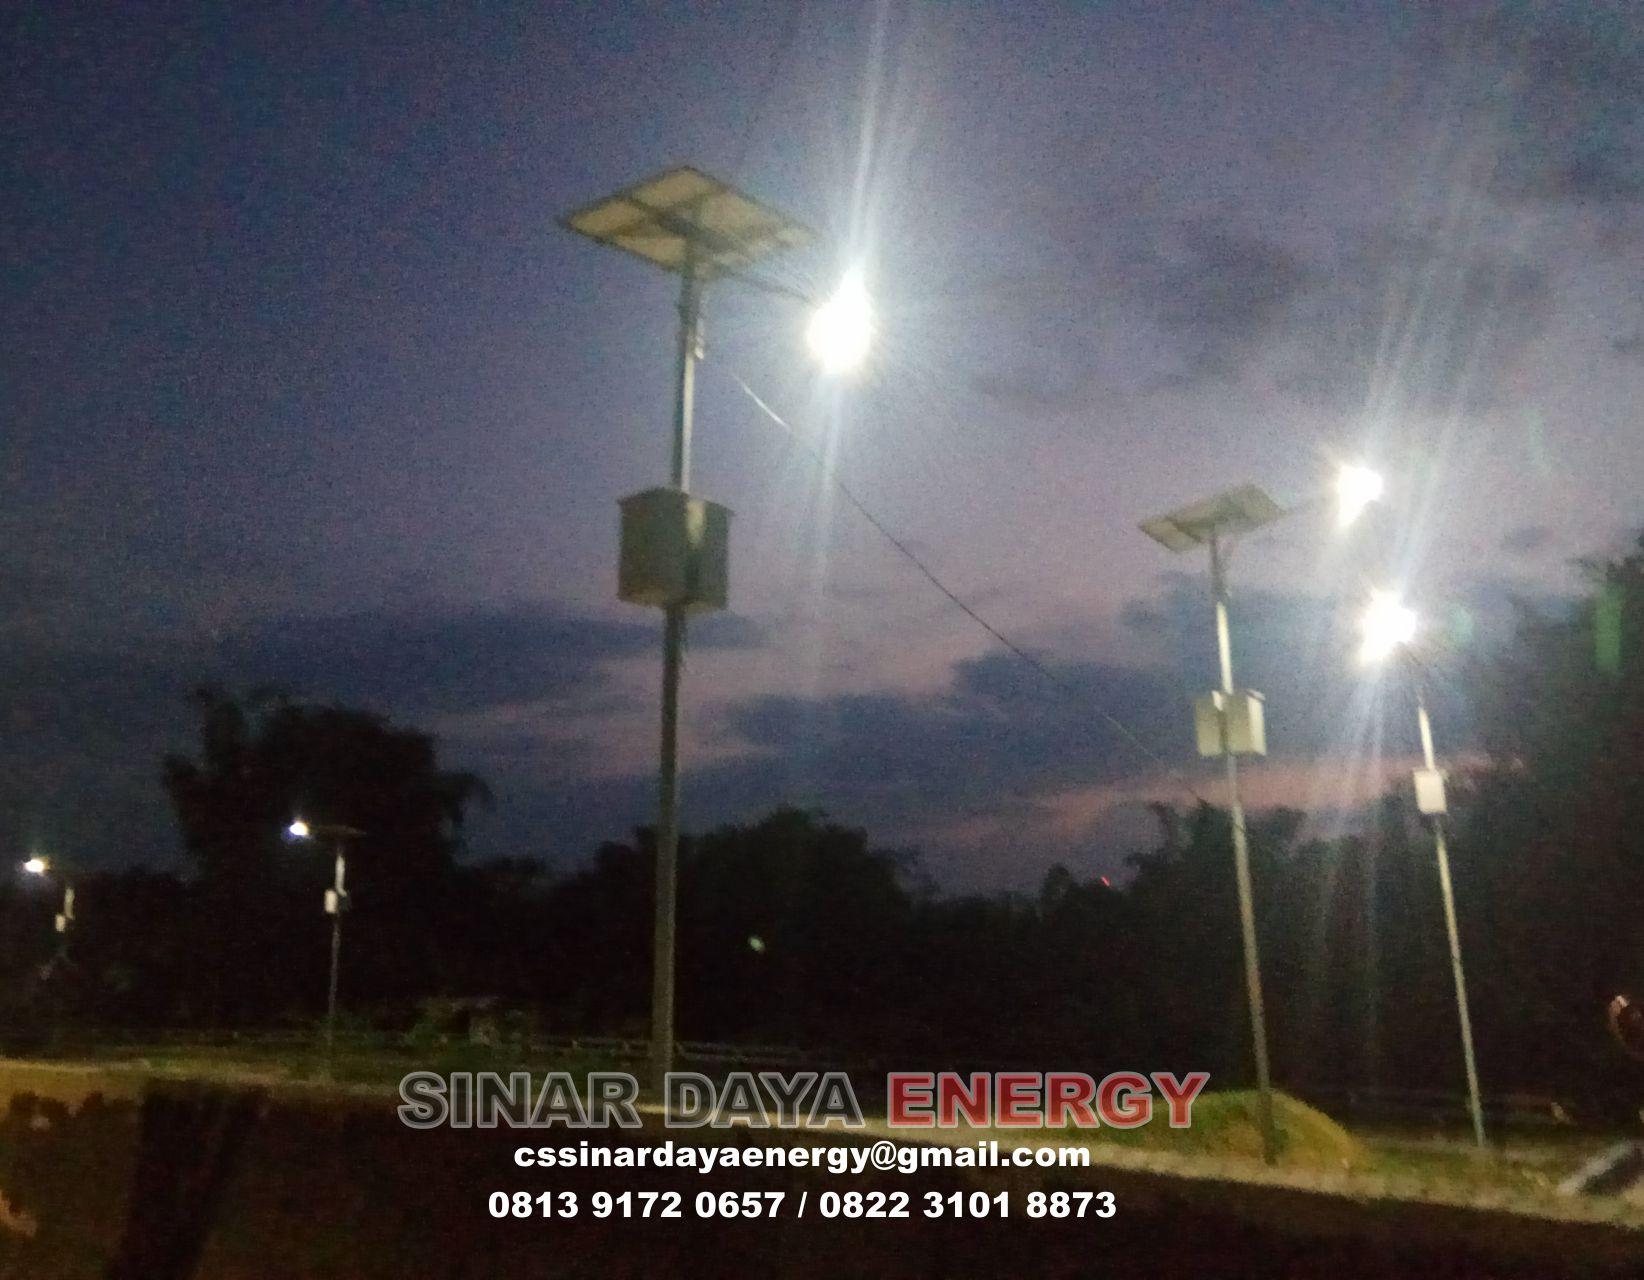 paket lampu jalan solarcell papua